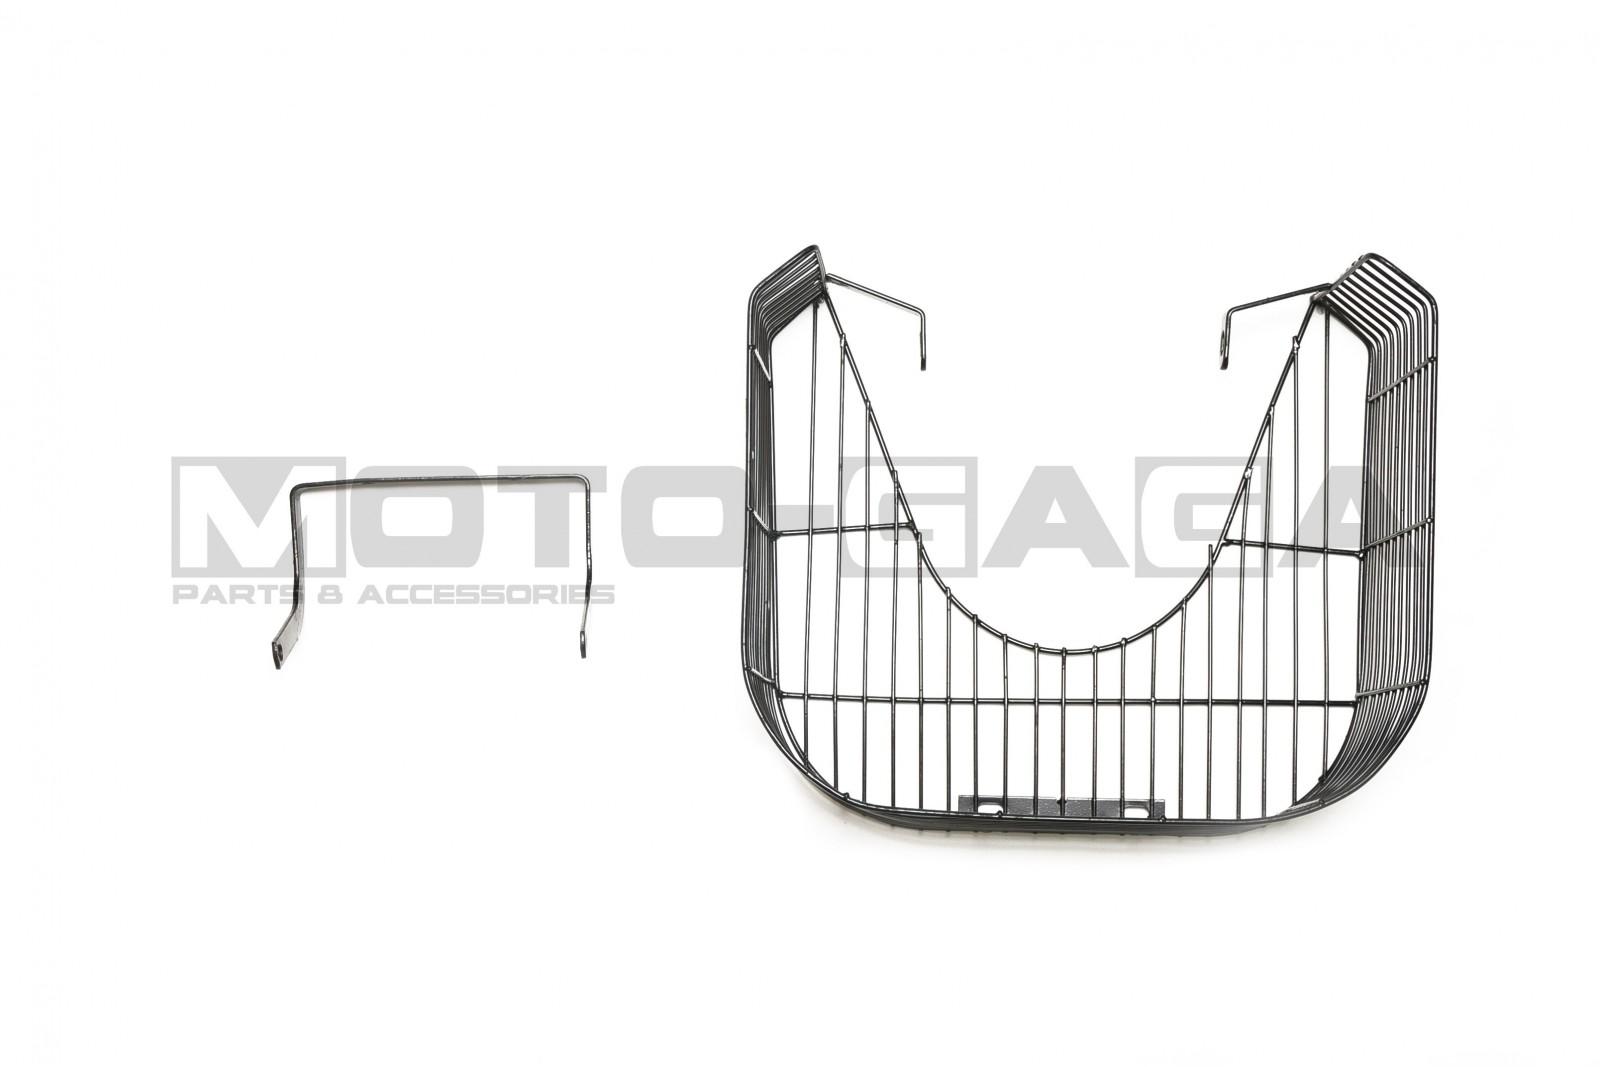 102 Yamaha Z125 Metal Legshield Luggage Basket